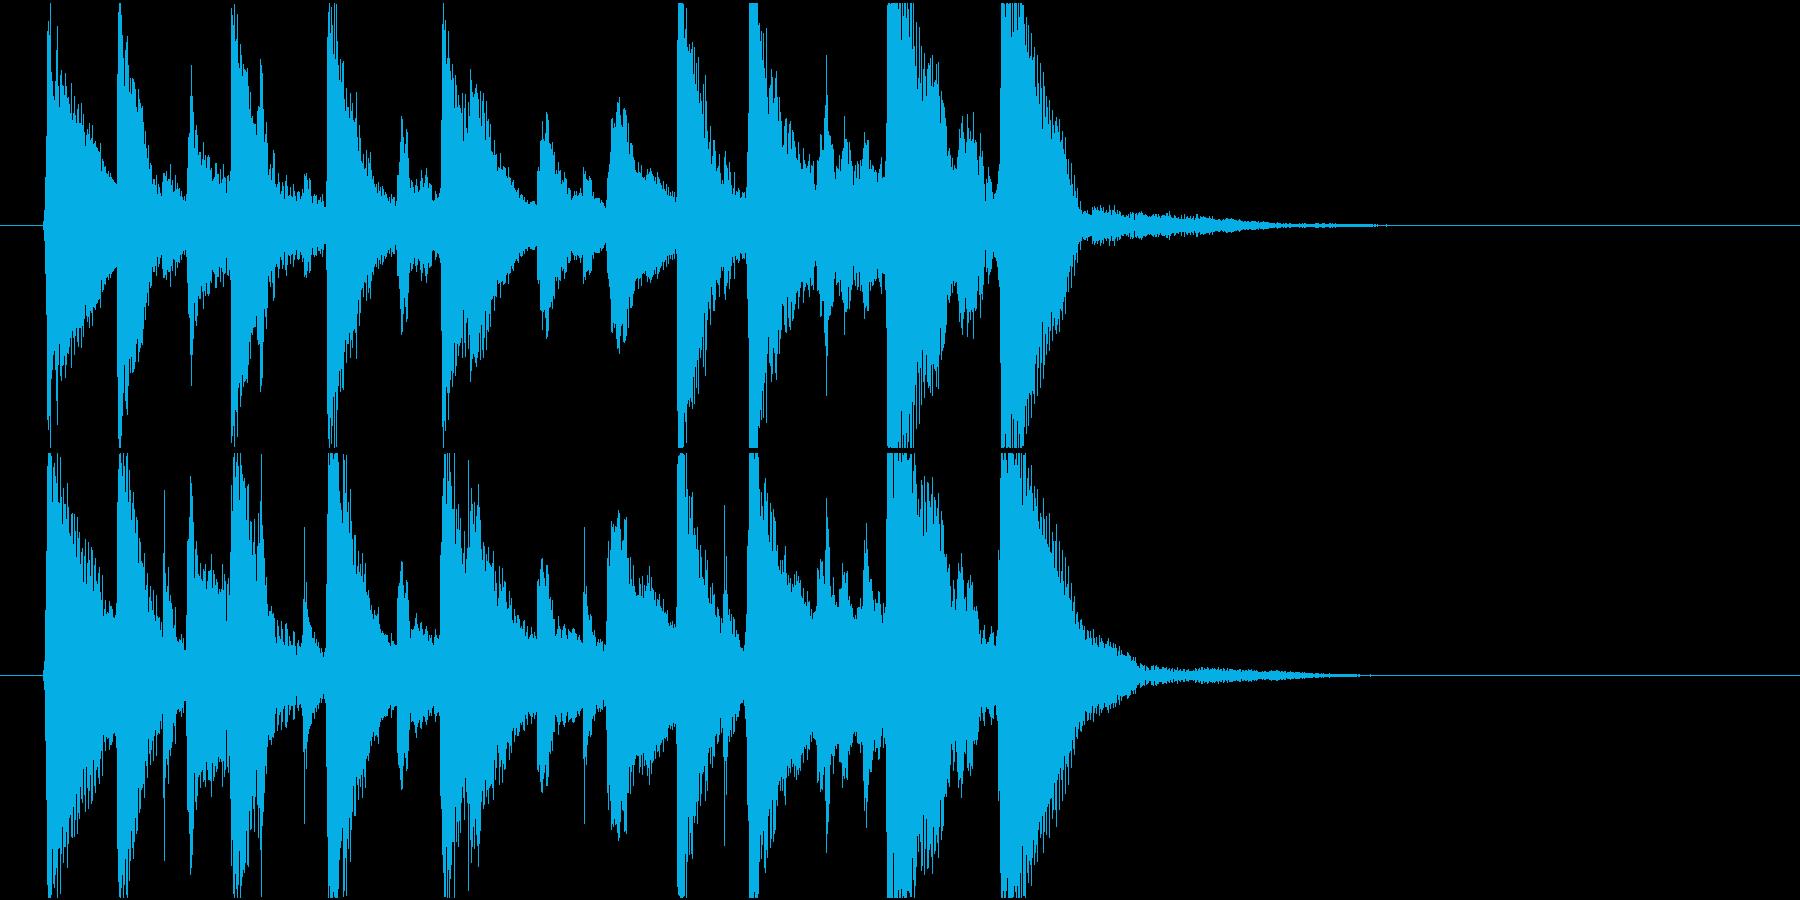 いたずらっぽく楽しいミディアムスイング2の再生済みの波形